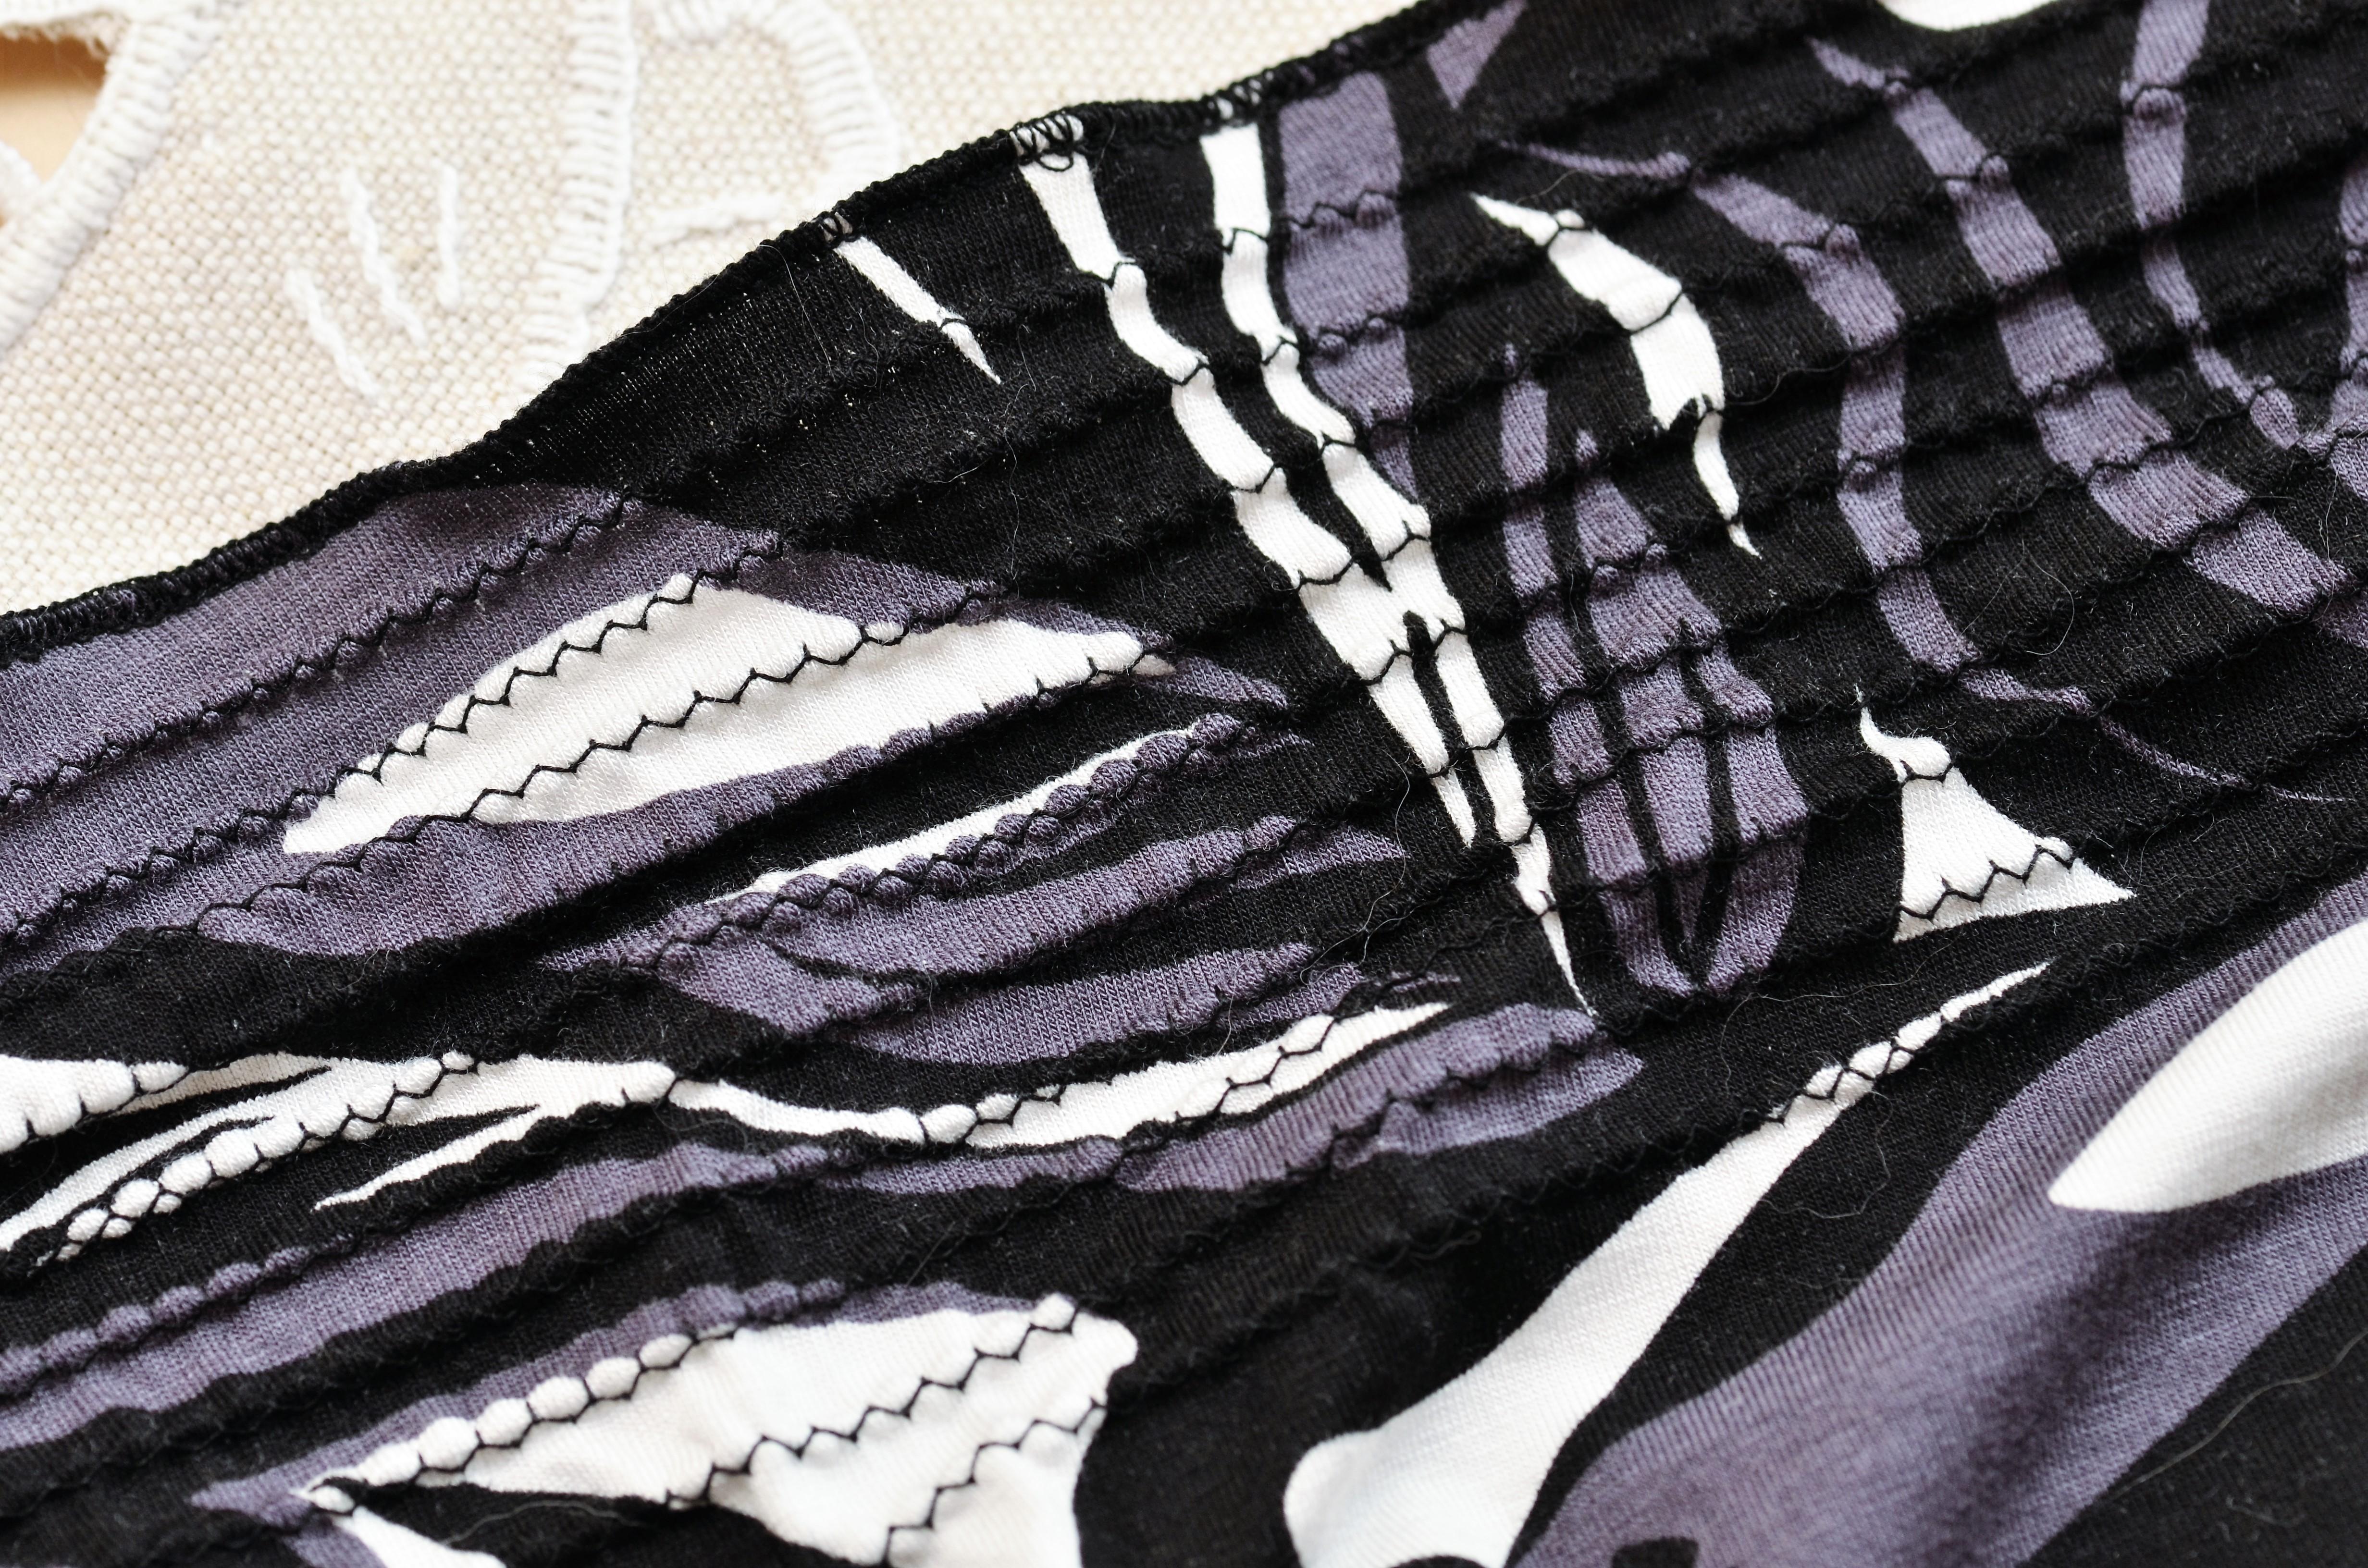 Spódnica marszczona w pasie - Tutorial